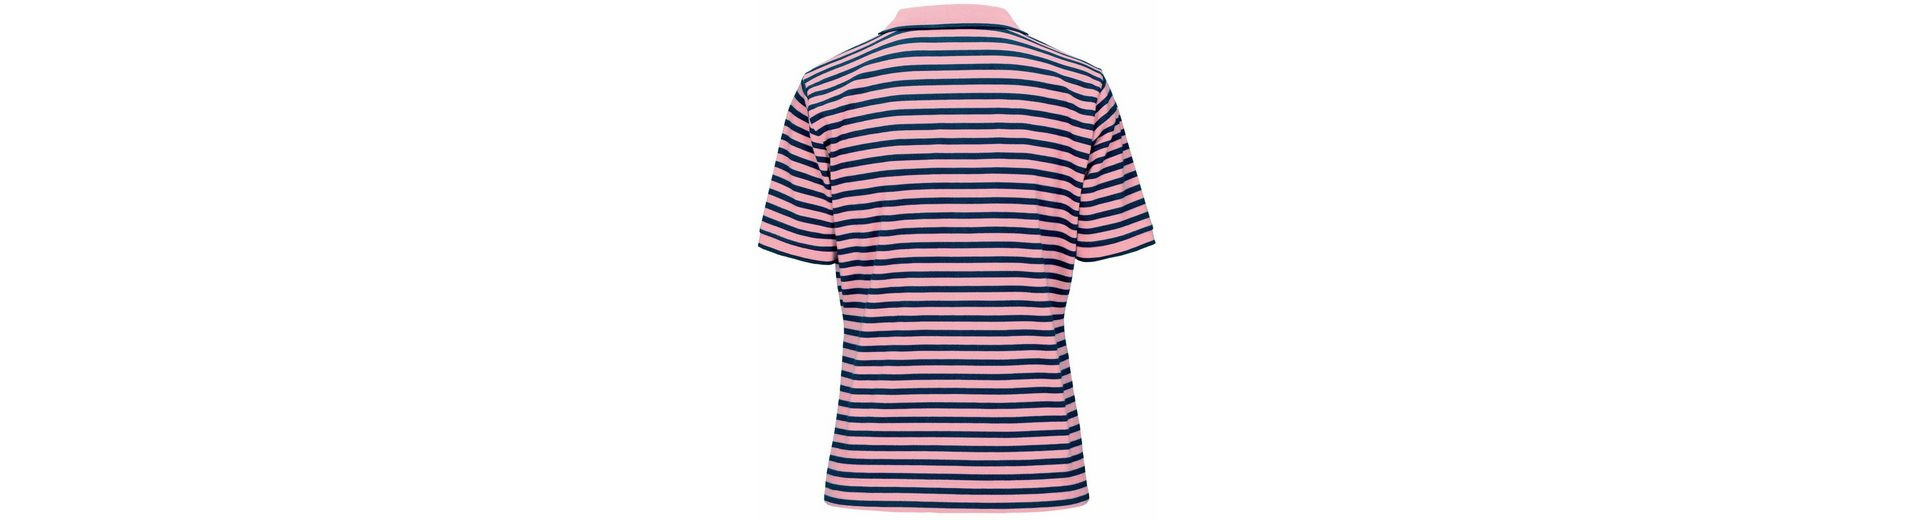 Poloshirt Streifen Design Poloshirt im im Streifen IN LINEA Design IN LINEA Zq066